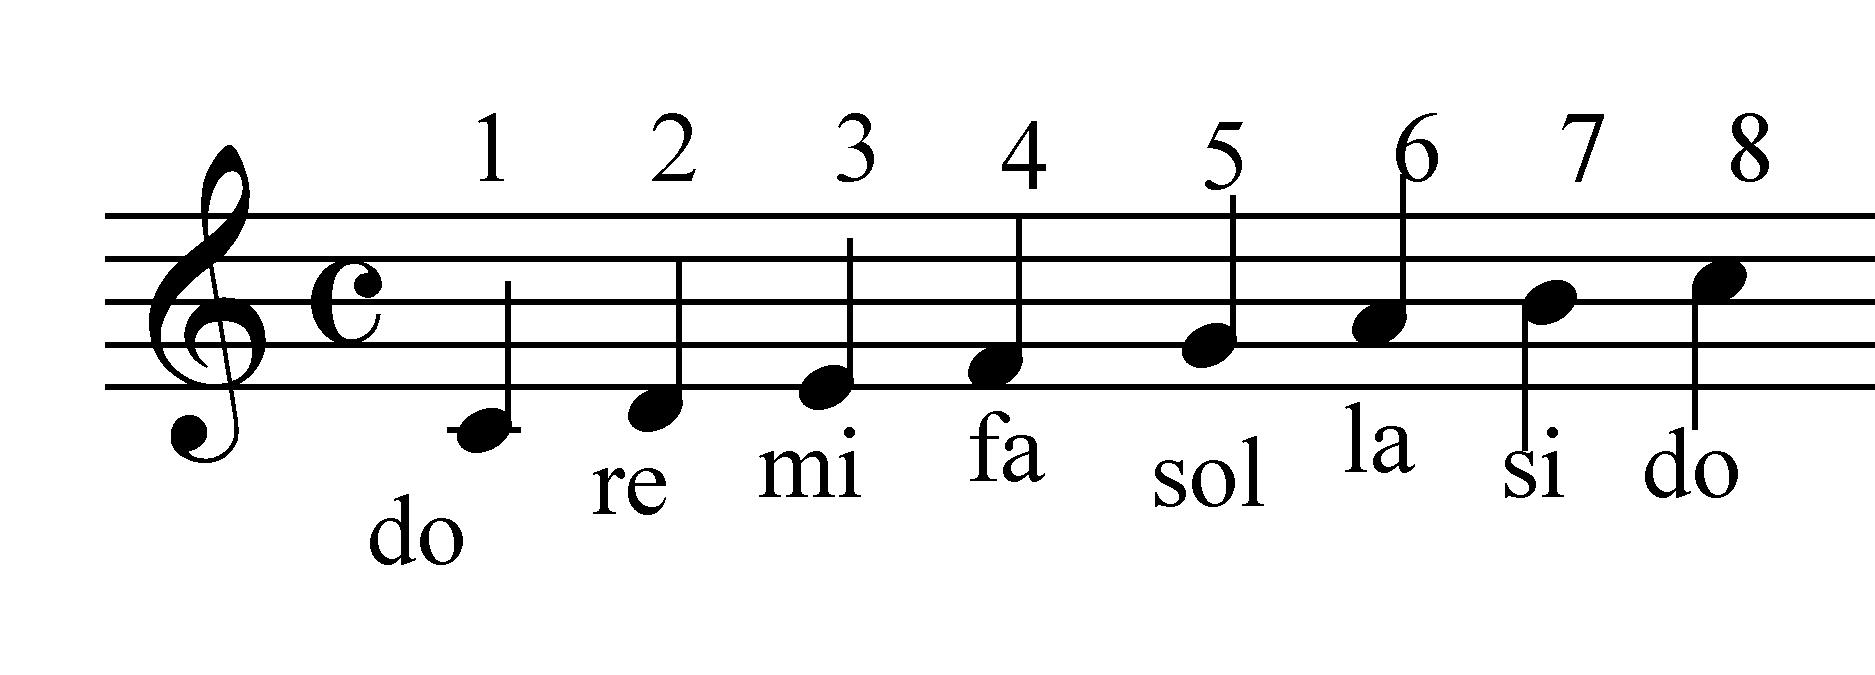 Escala  musical Diatónica